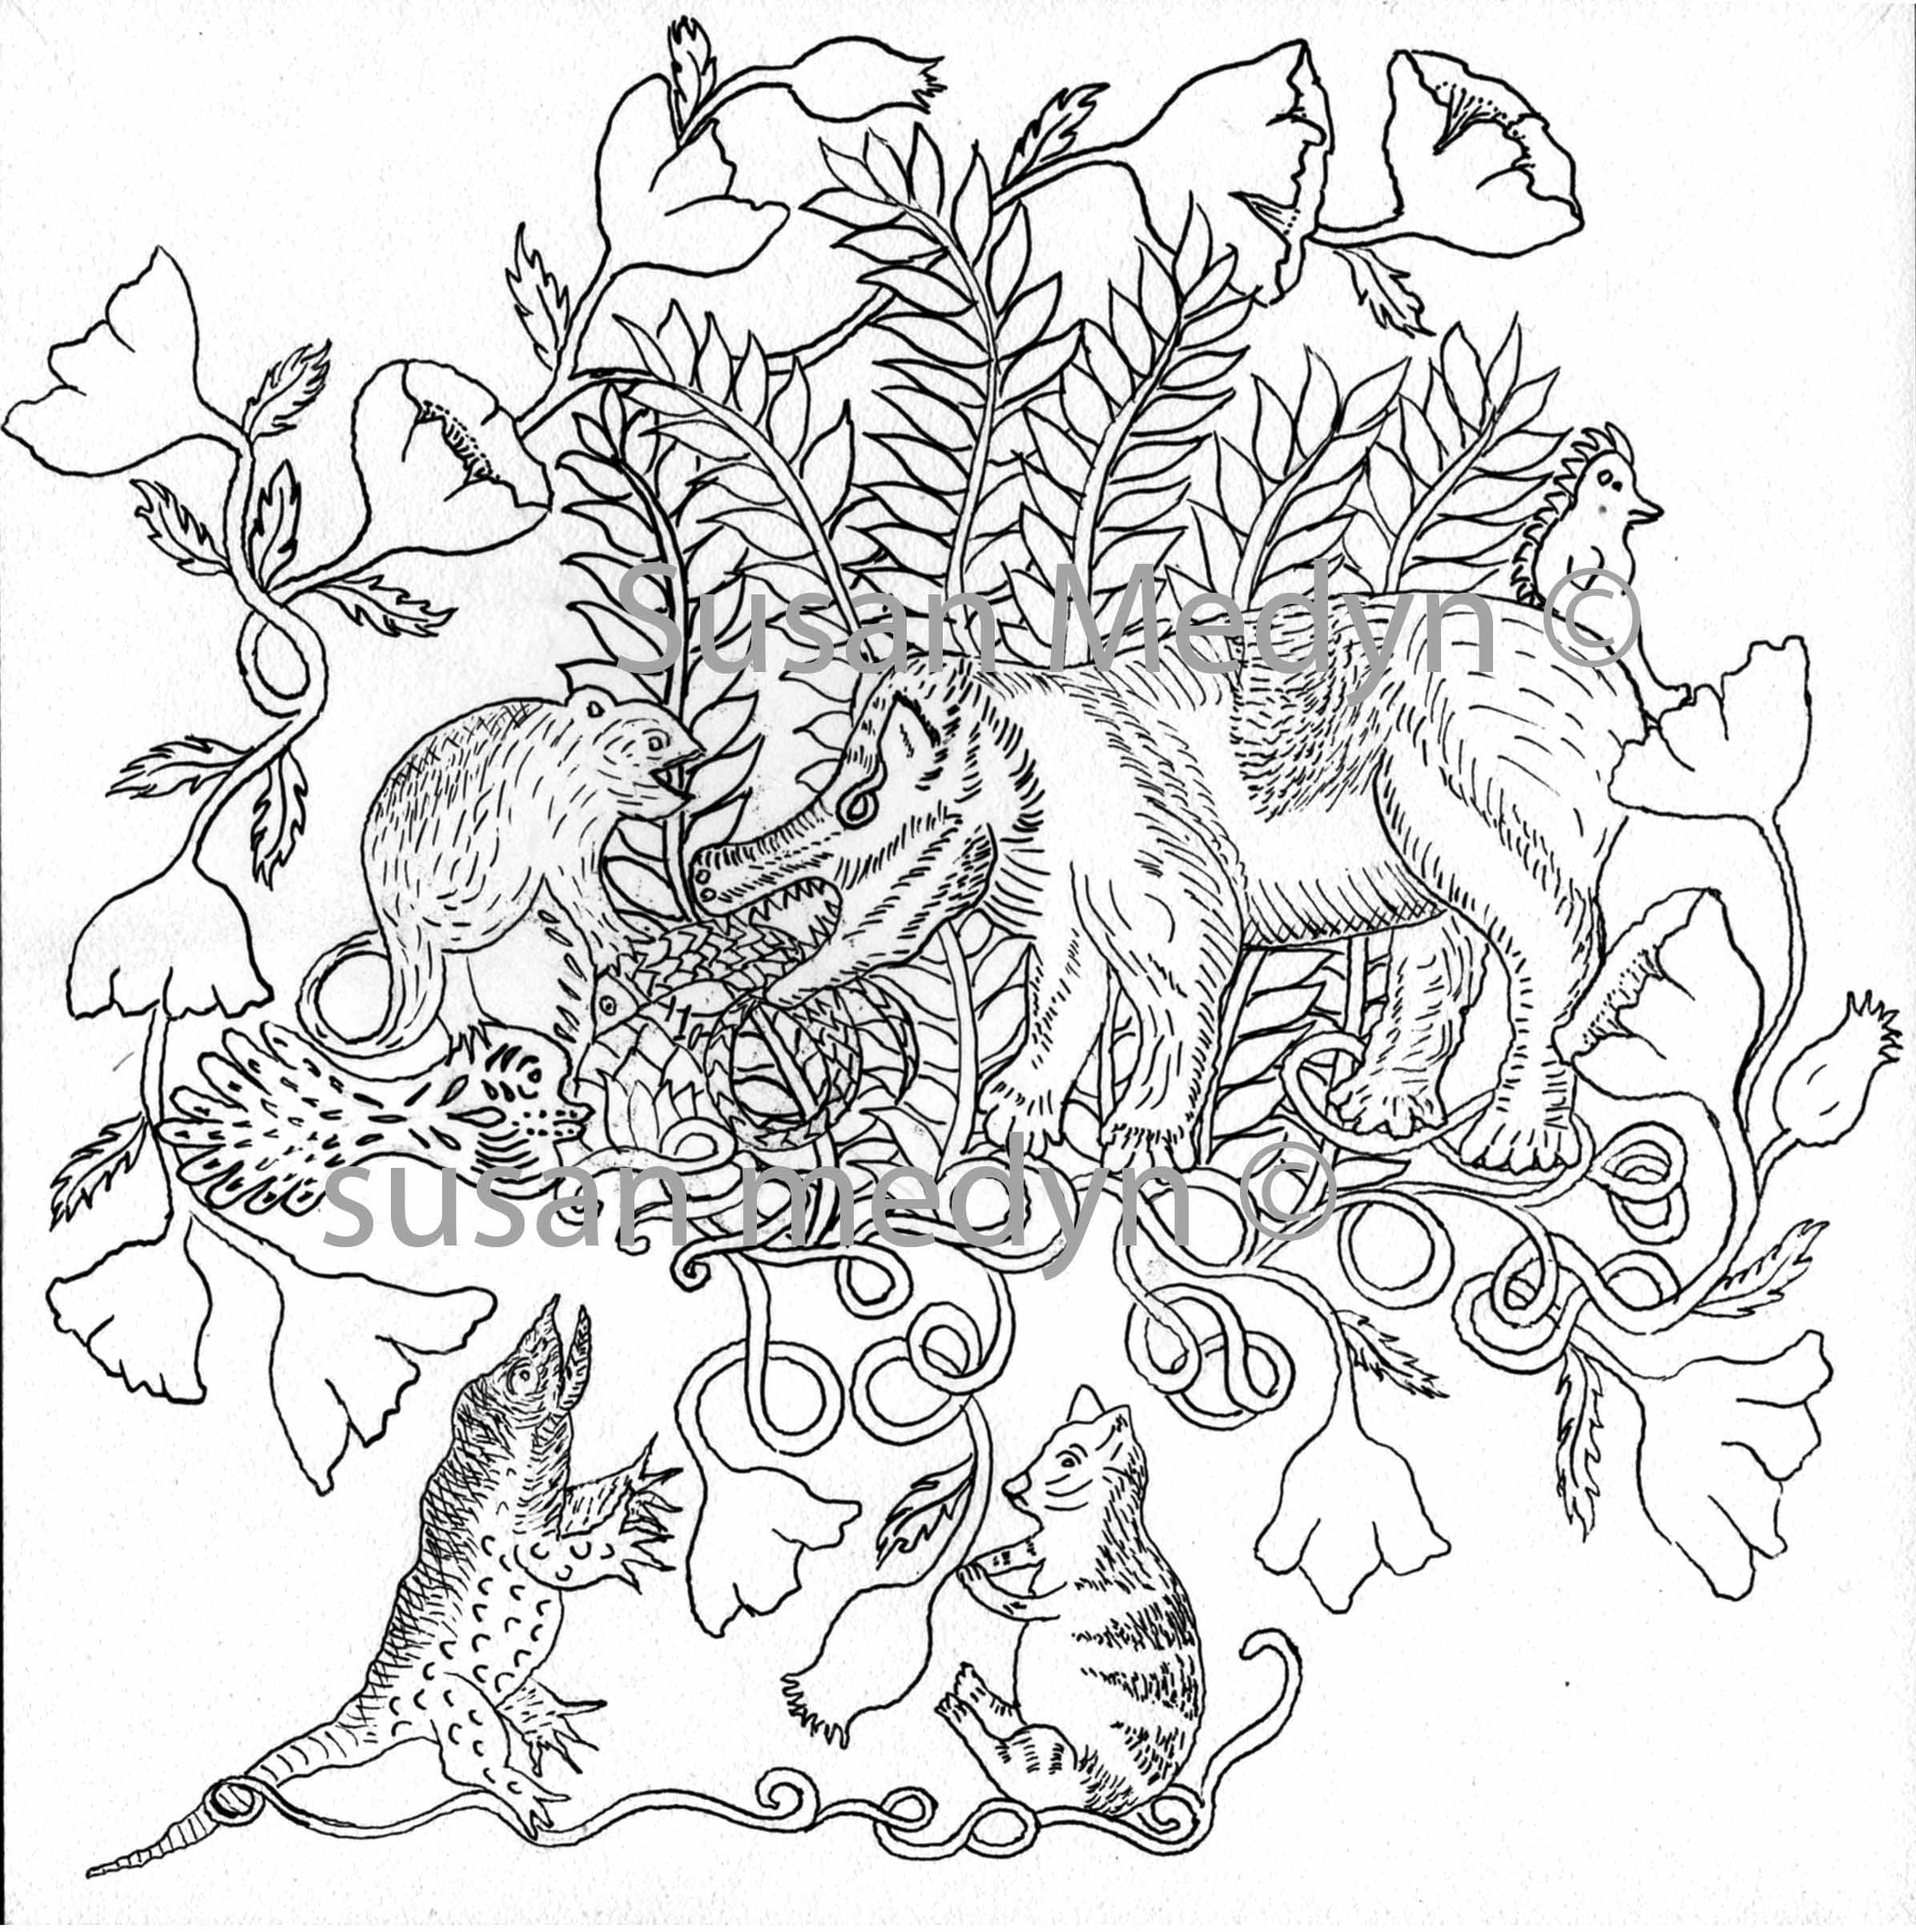 Lizard In Pen And Ink